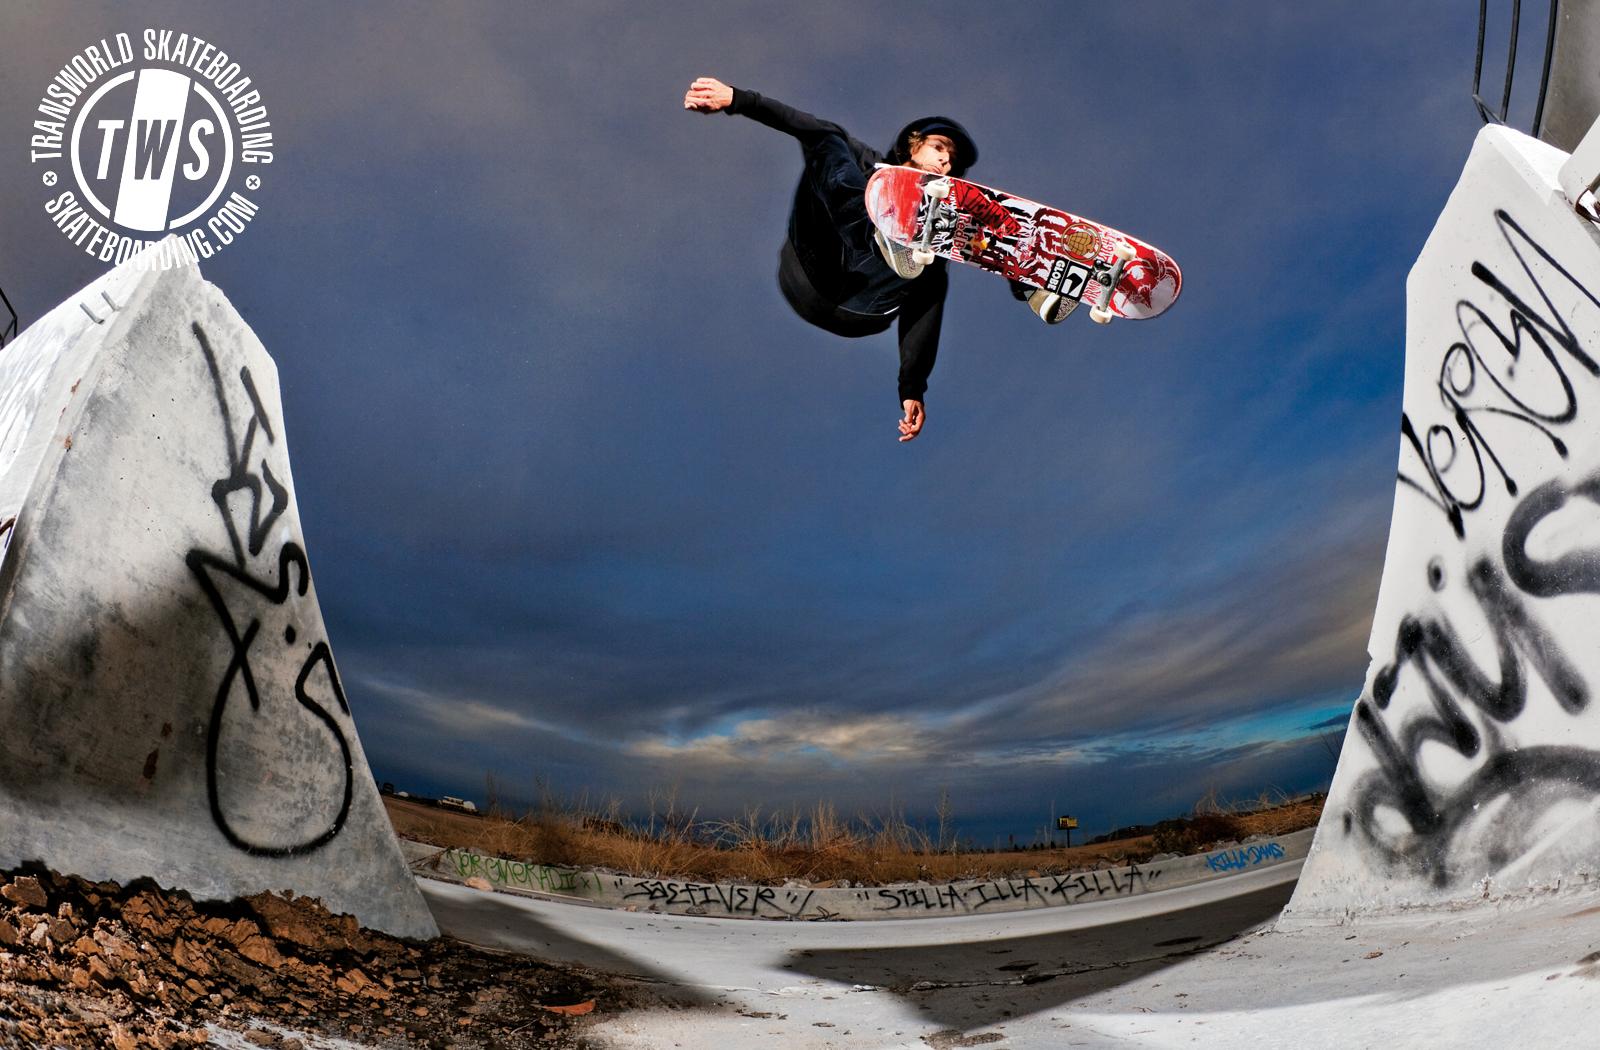 skateboardingtransworldnetwp contentblogsdir440filesdecenzo 1600x1050